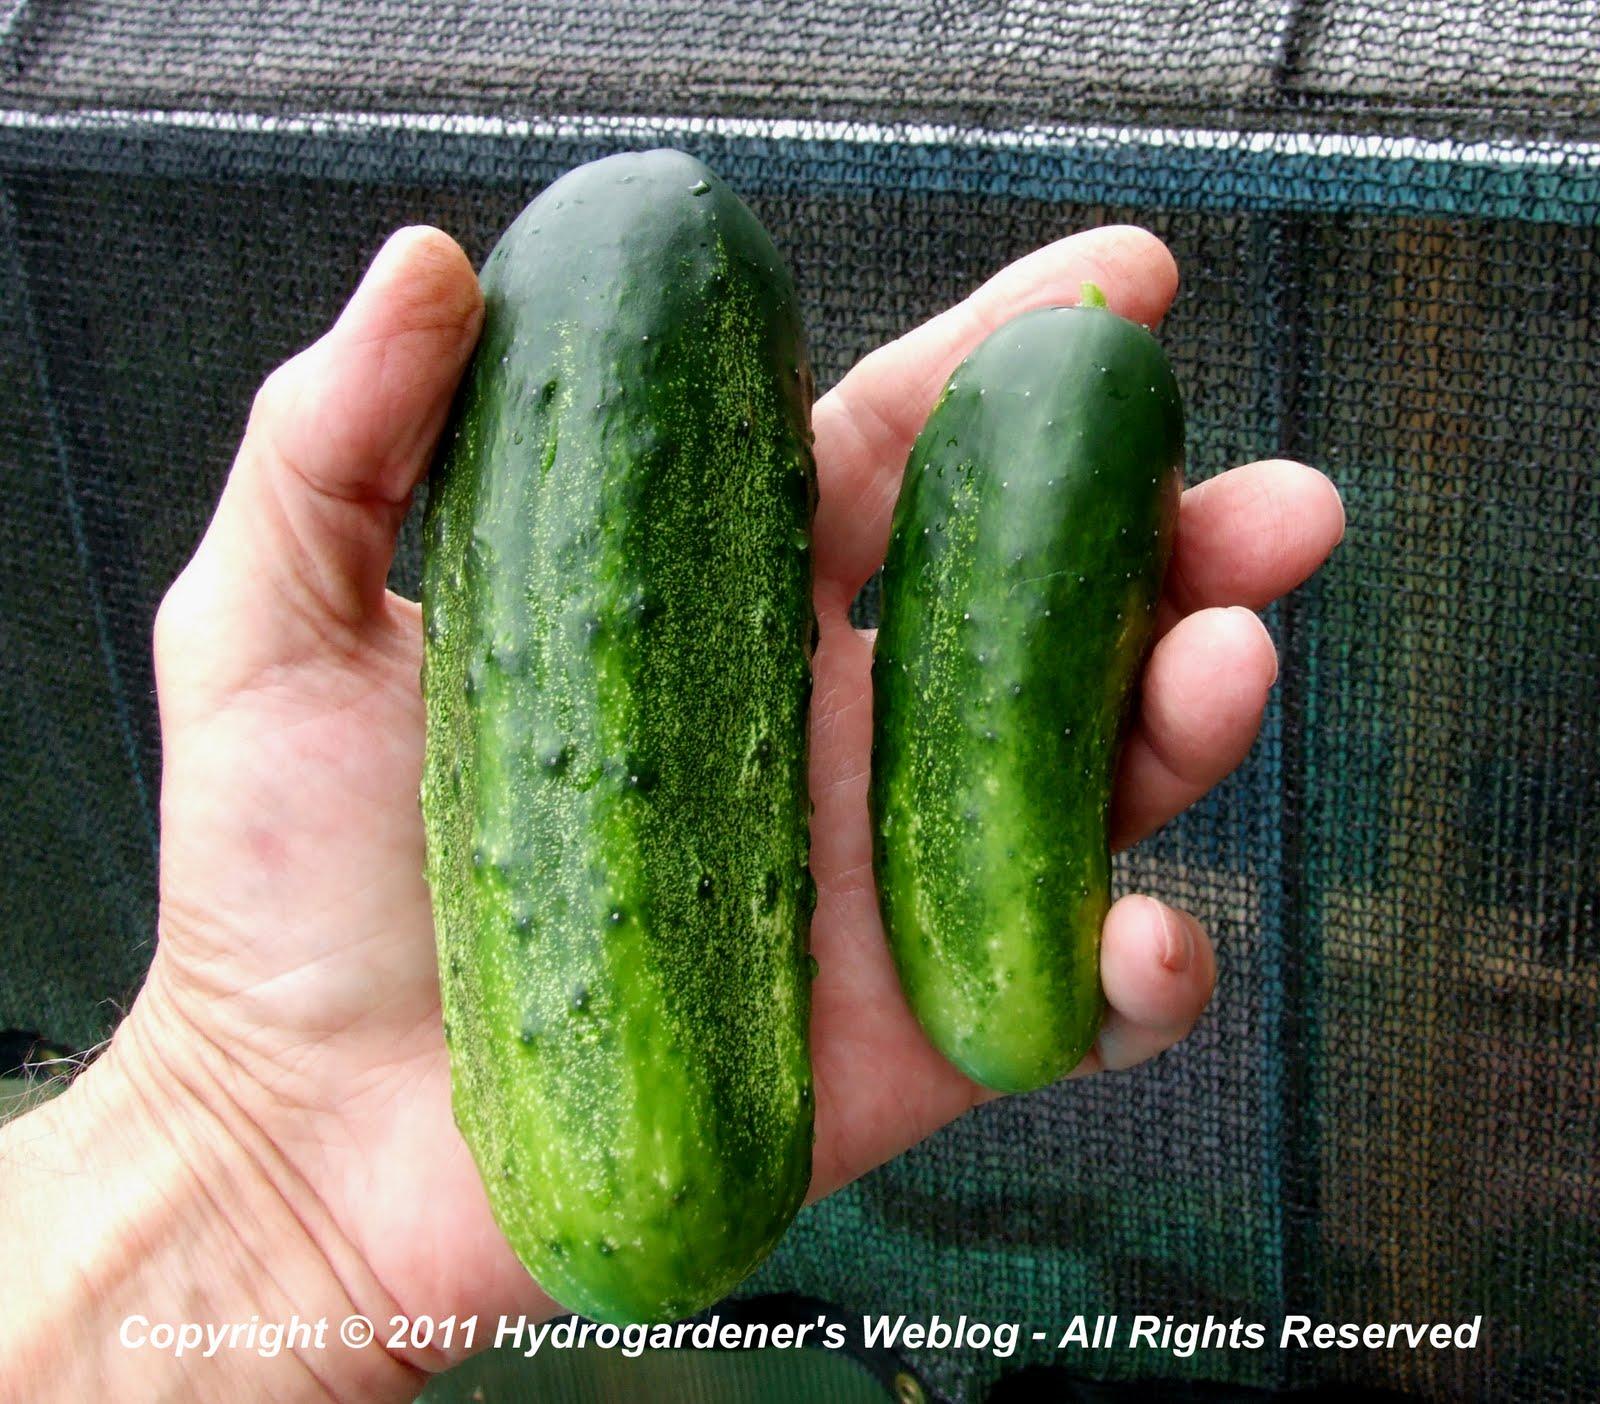 parthenocarpic cucumber